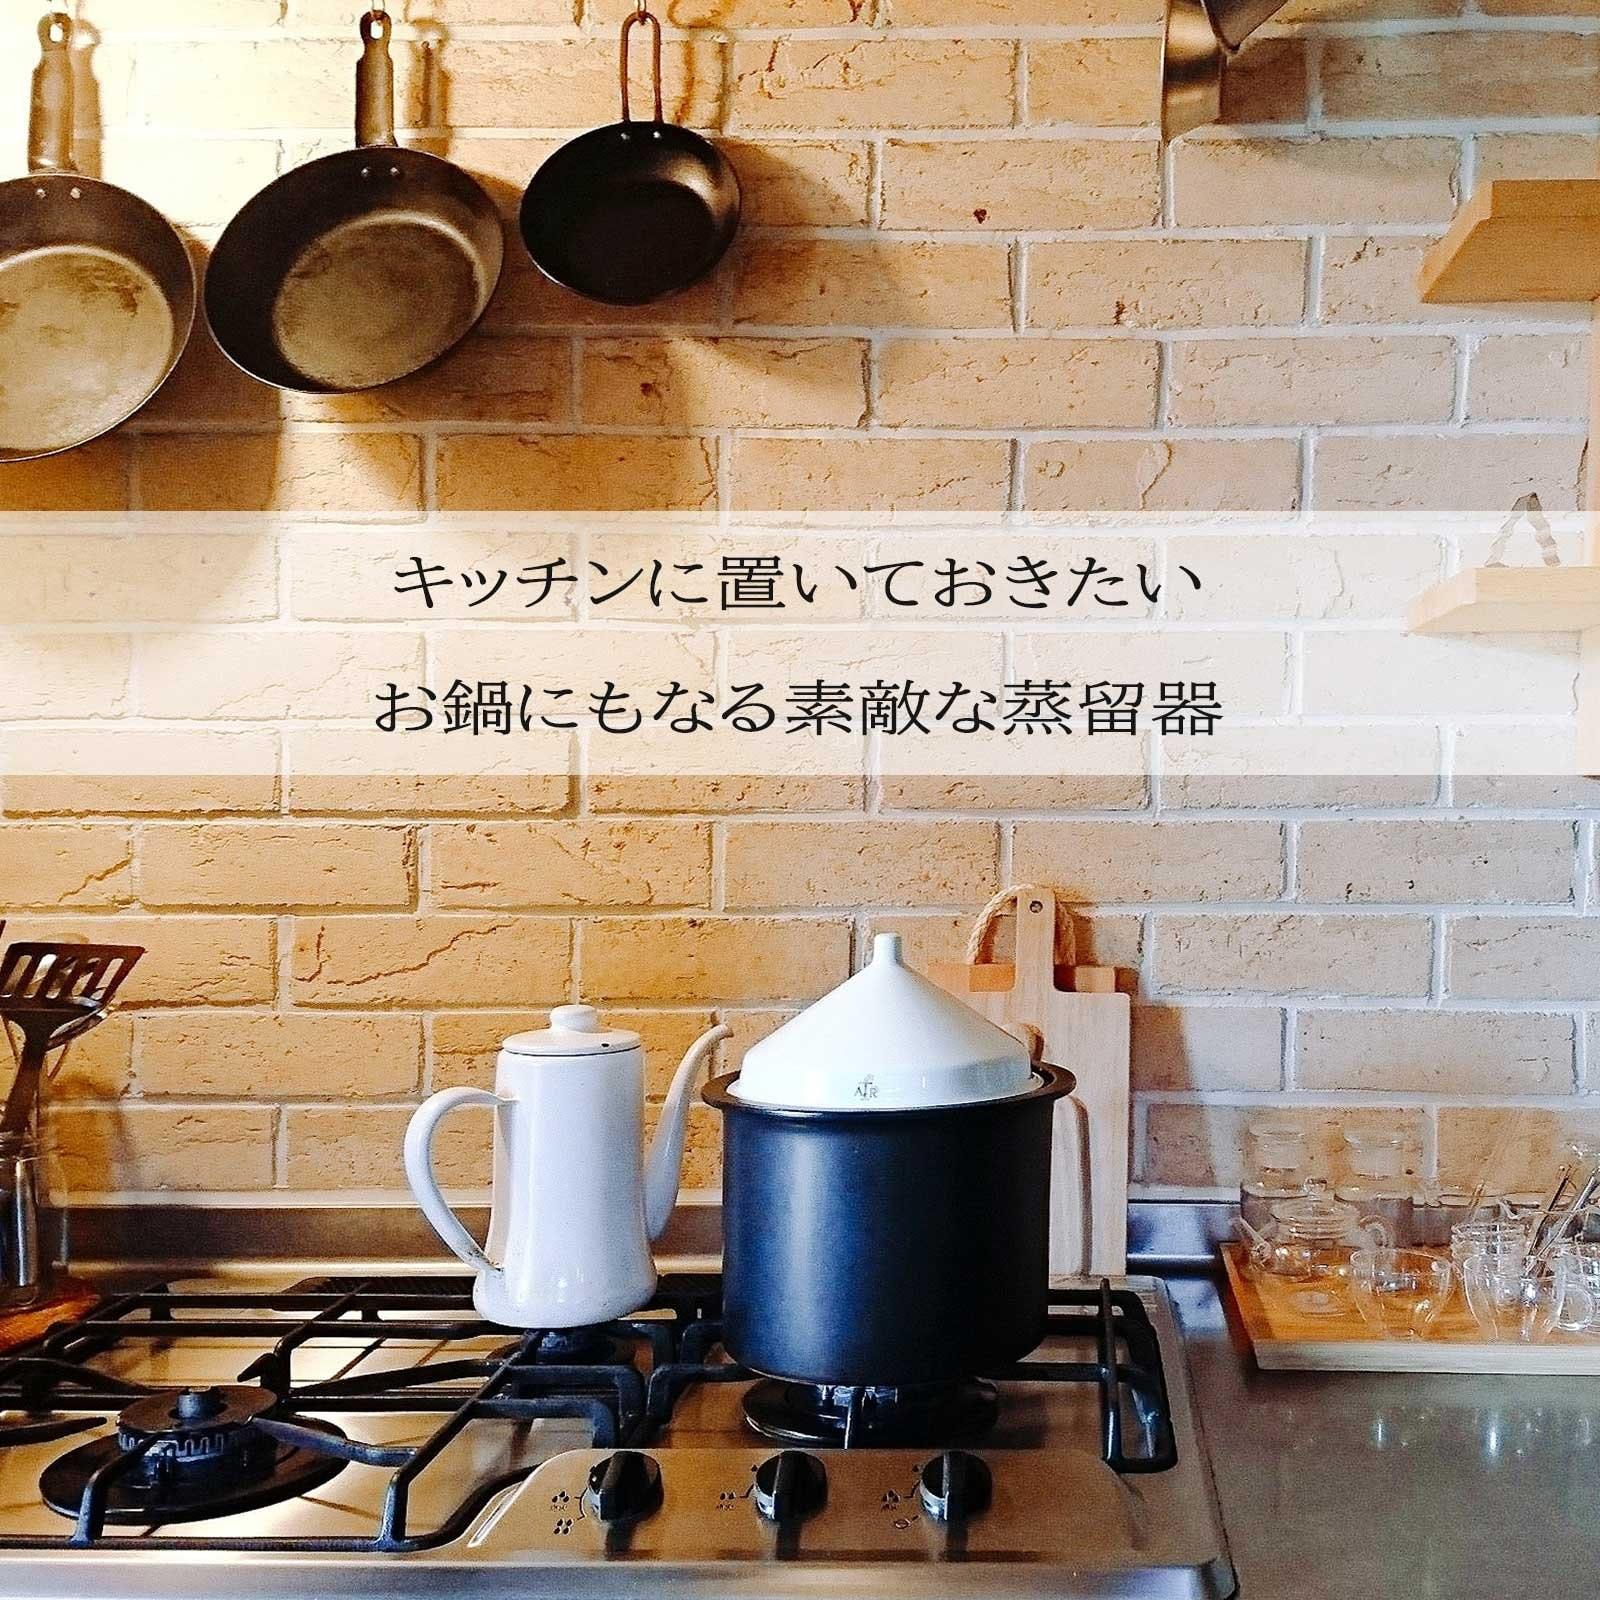 [夜の部 4/15 オンラインセミナー】 簡単に蒸留のメリットを生活に取り入れる方法 !知っててよかった!キッチン蒸留ある暮らし〜のイメージその2